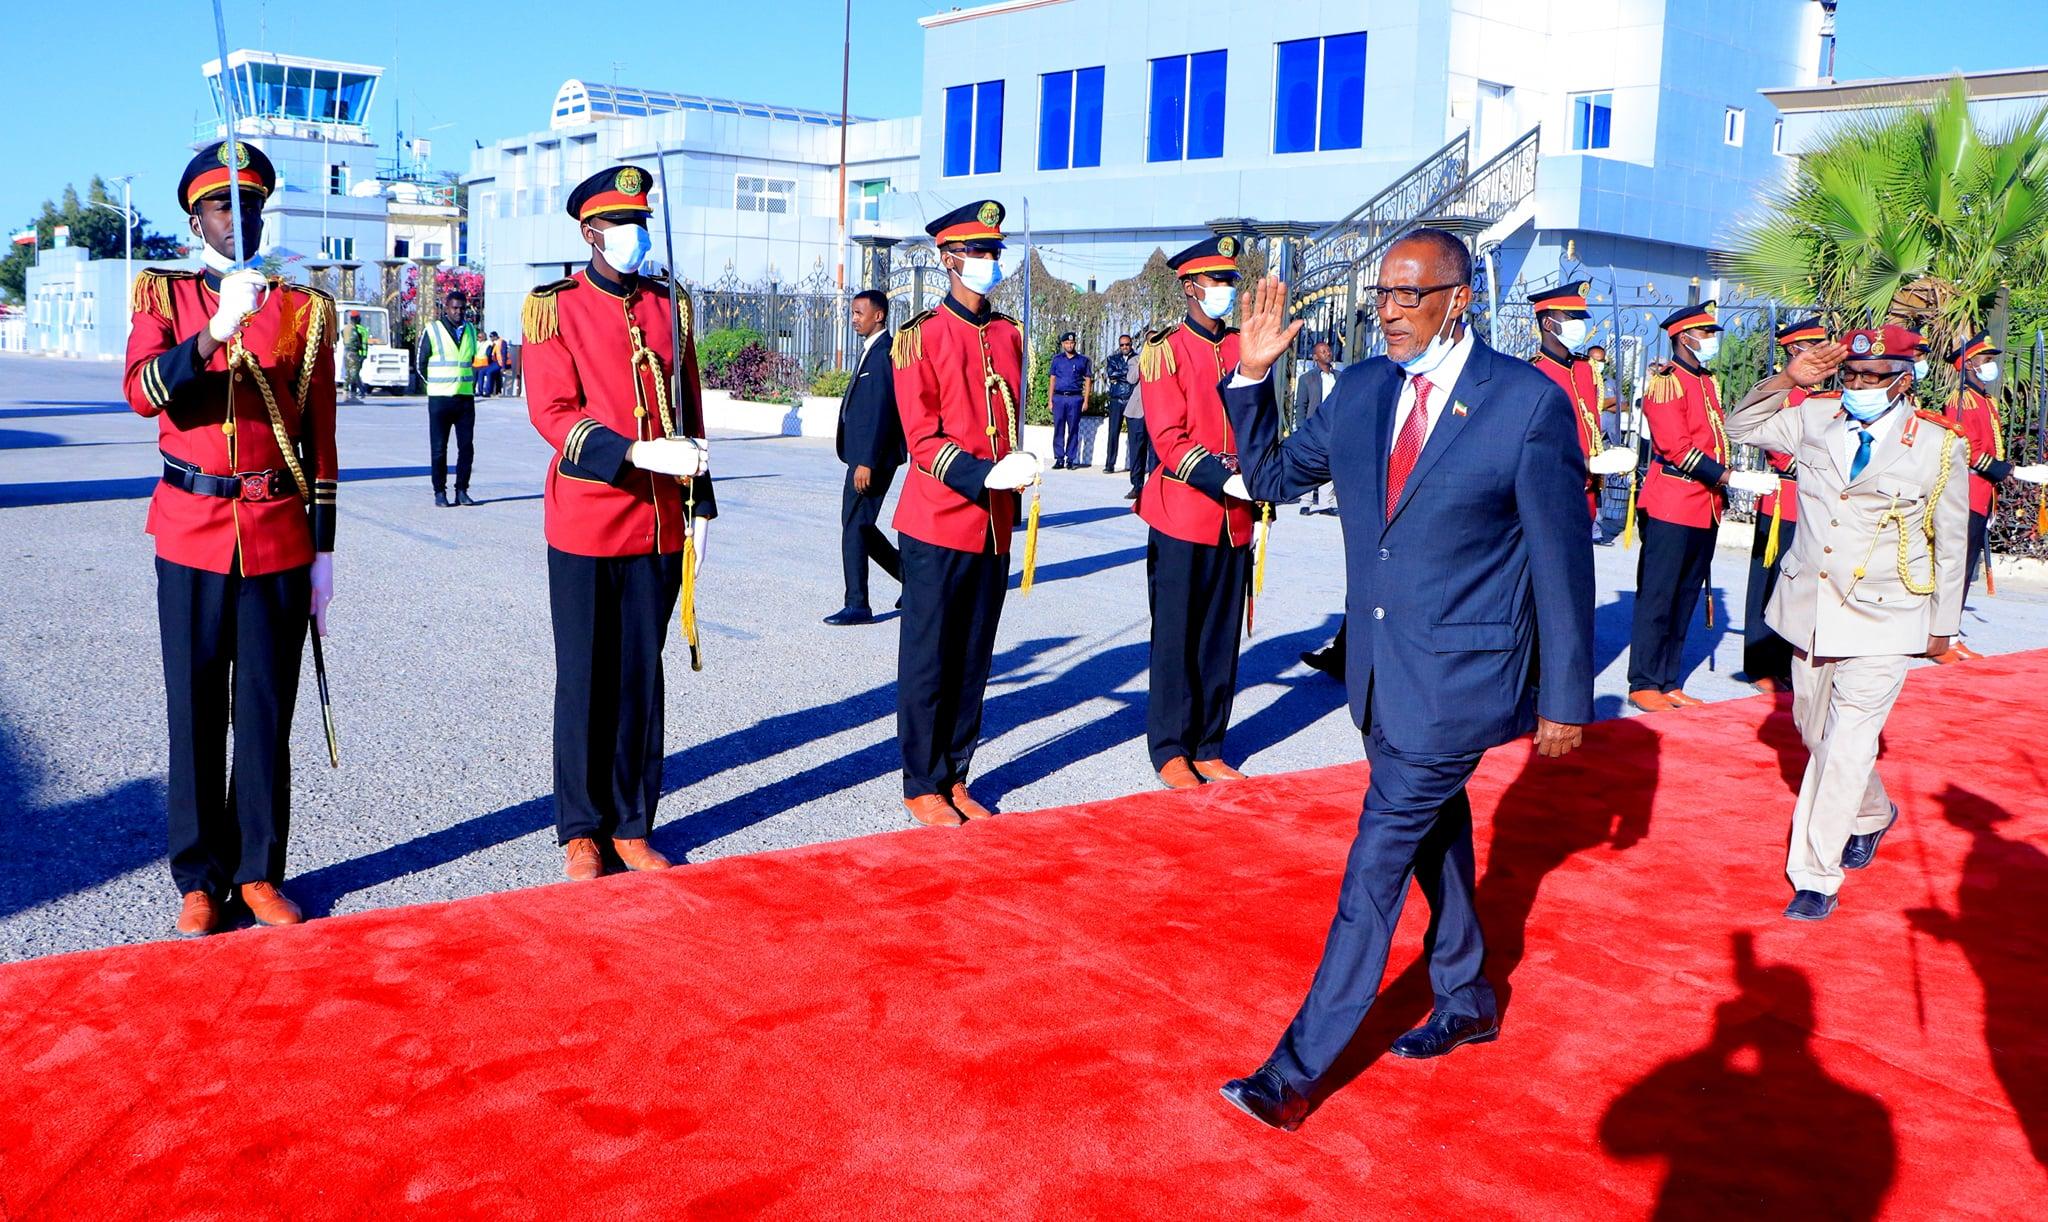 Madaxweynaha Somaliland Iyo Wefti Uu Hoggaaminayo Oo Safar Shaqo Ugu Ambo Baxay Dalka Jabuuti